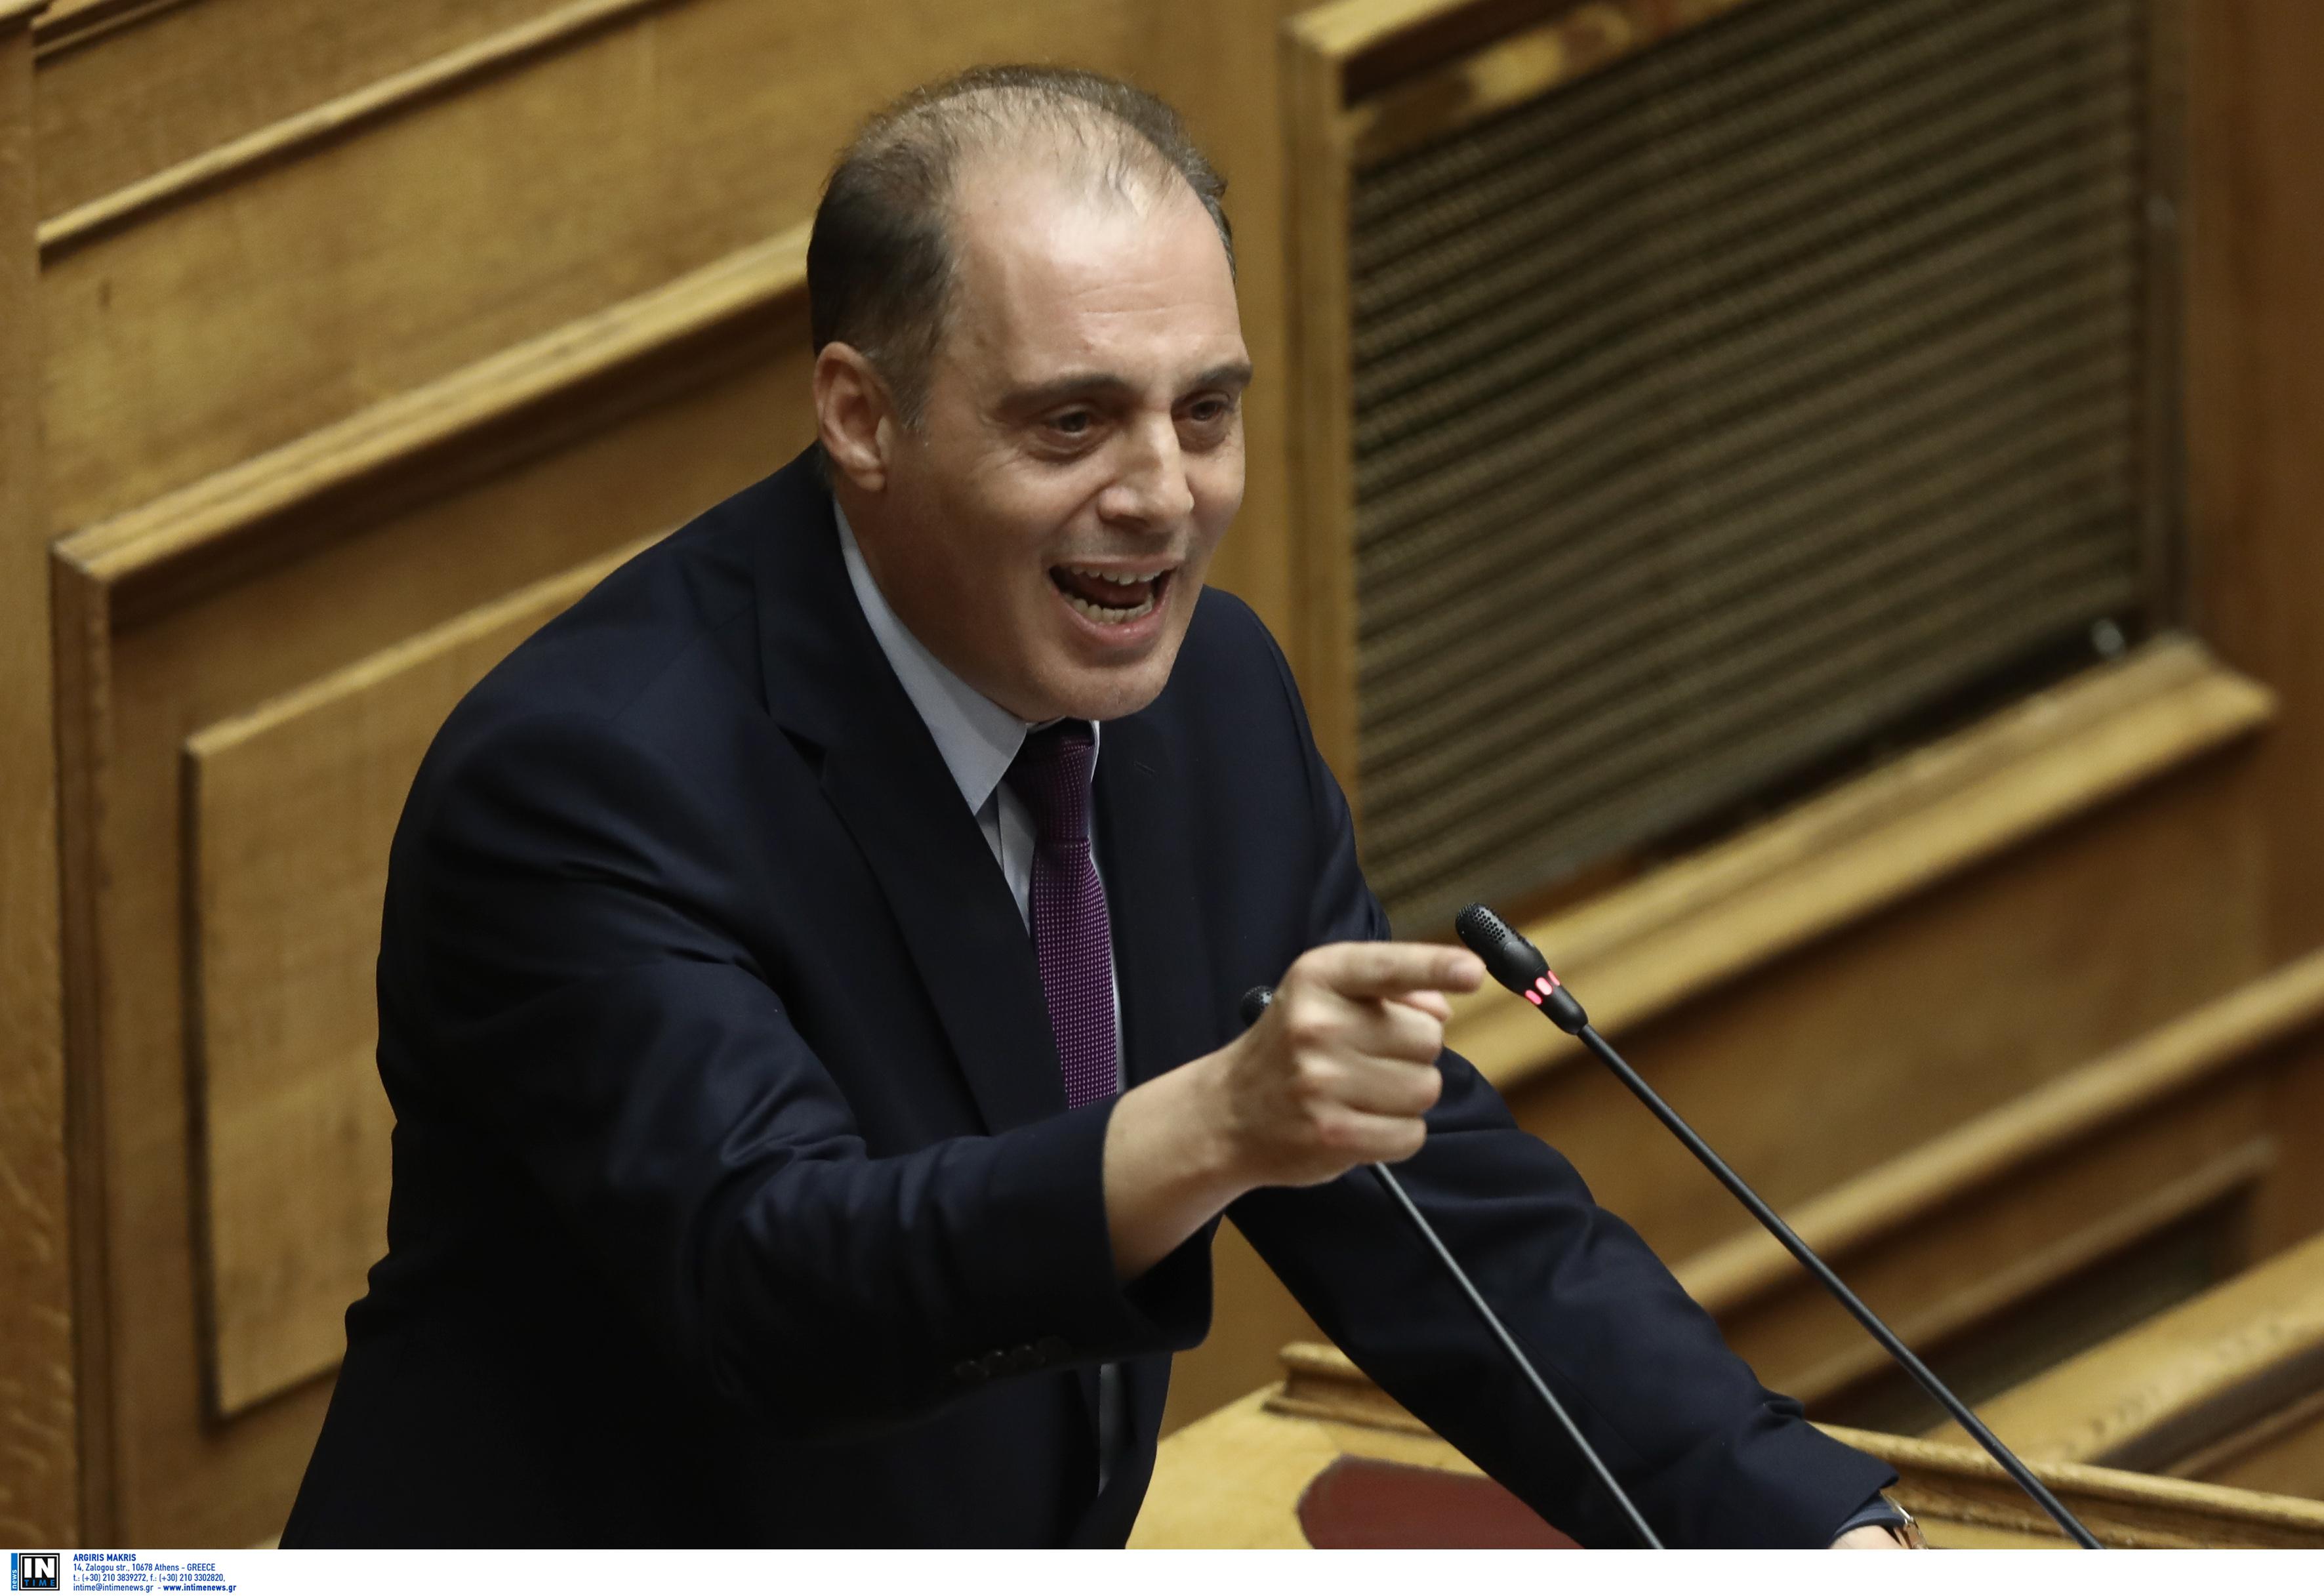 Αποχώρησε η Ελληνική Λύση από την Ολομέλεια της προανακριτικής για Παπαγγελόπουλο